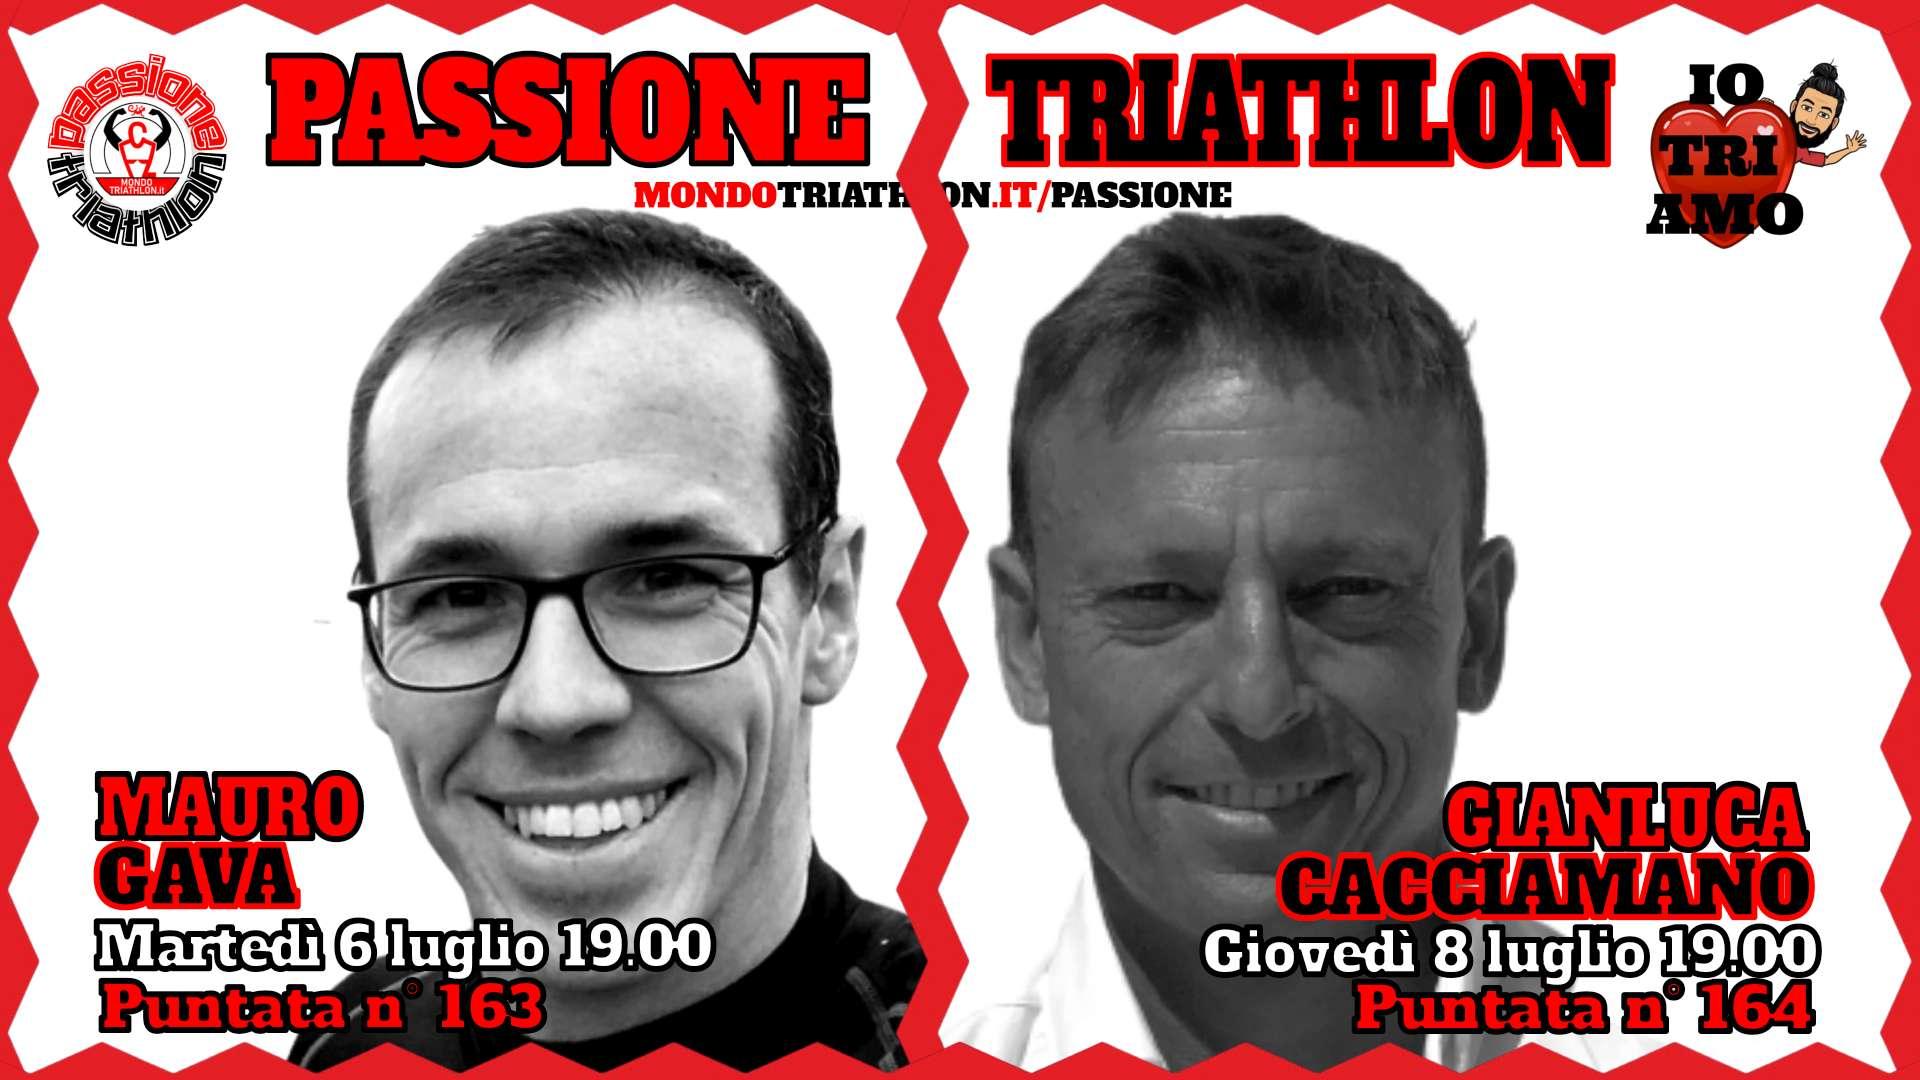 Passione Triathlon Protagonisti 6 e 8 luglio 2021